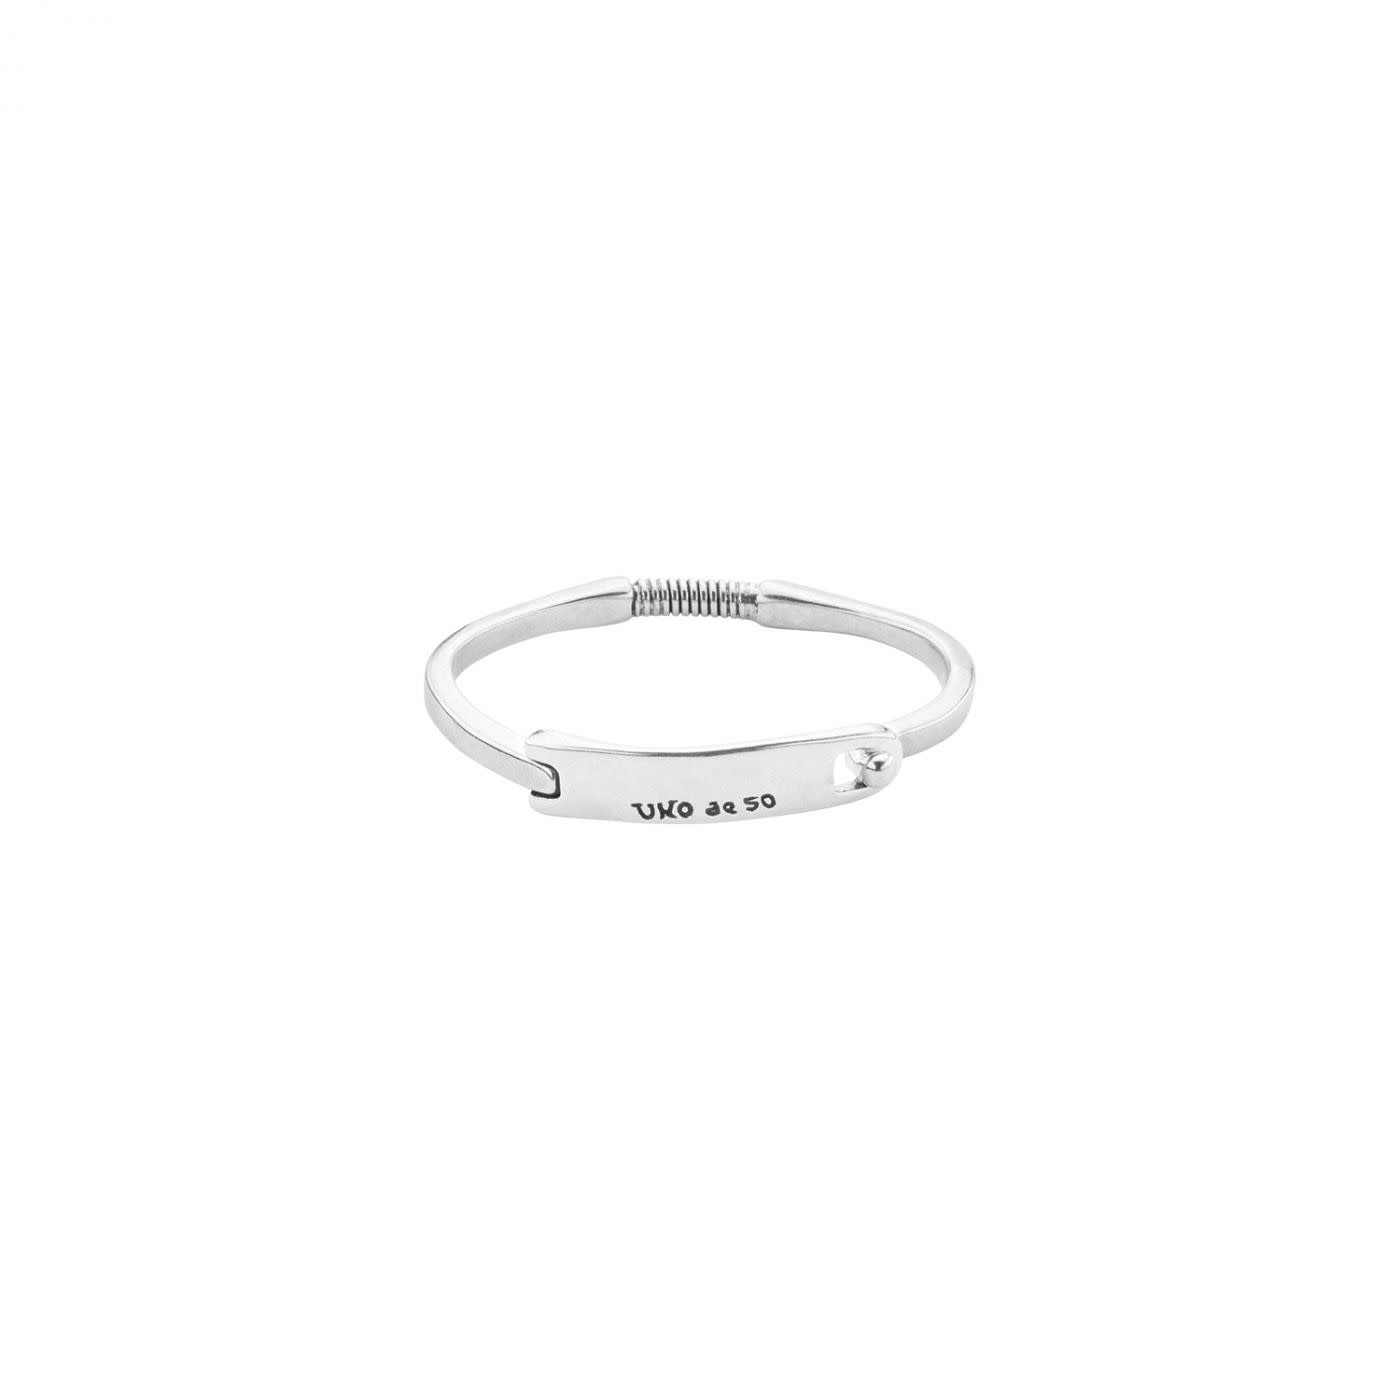 Uno de 50 Mars Bracelet Silver